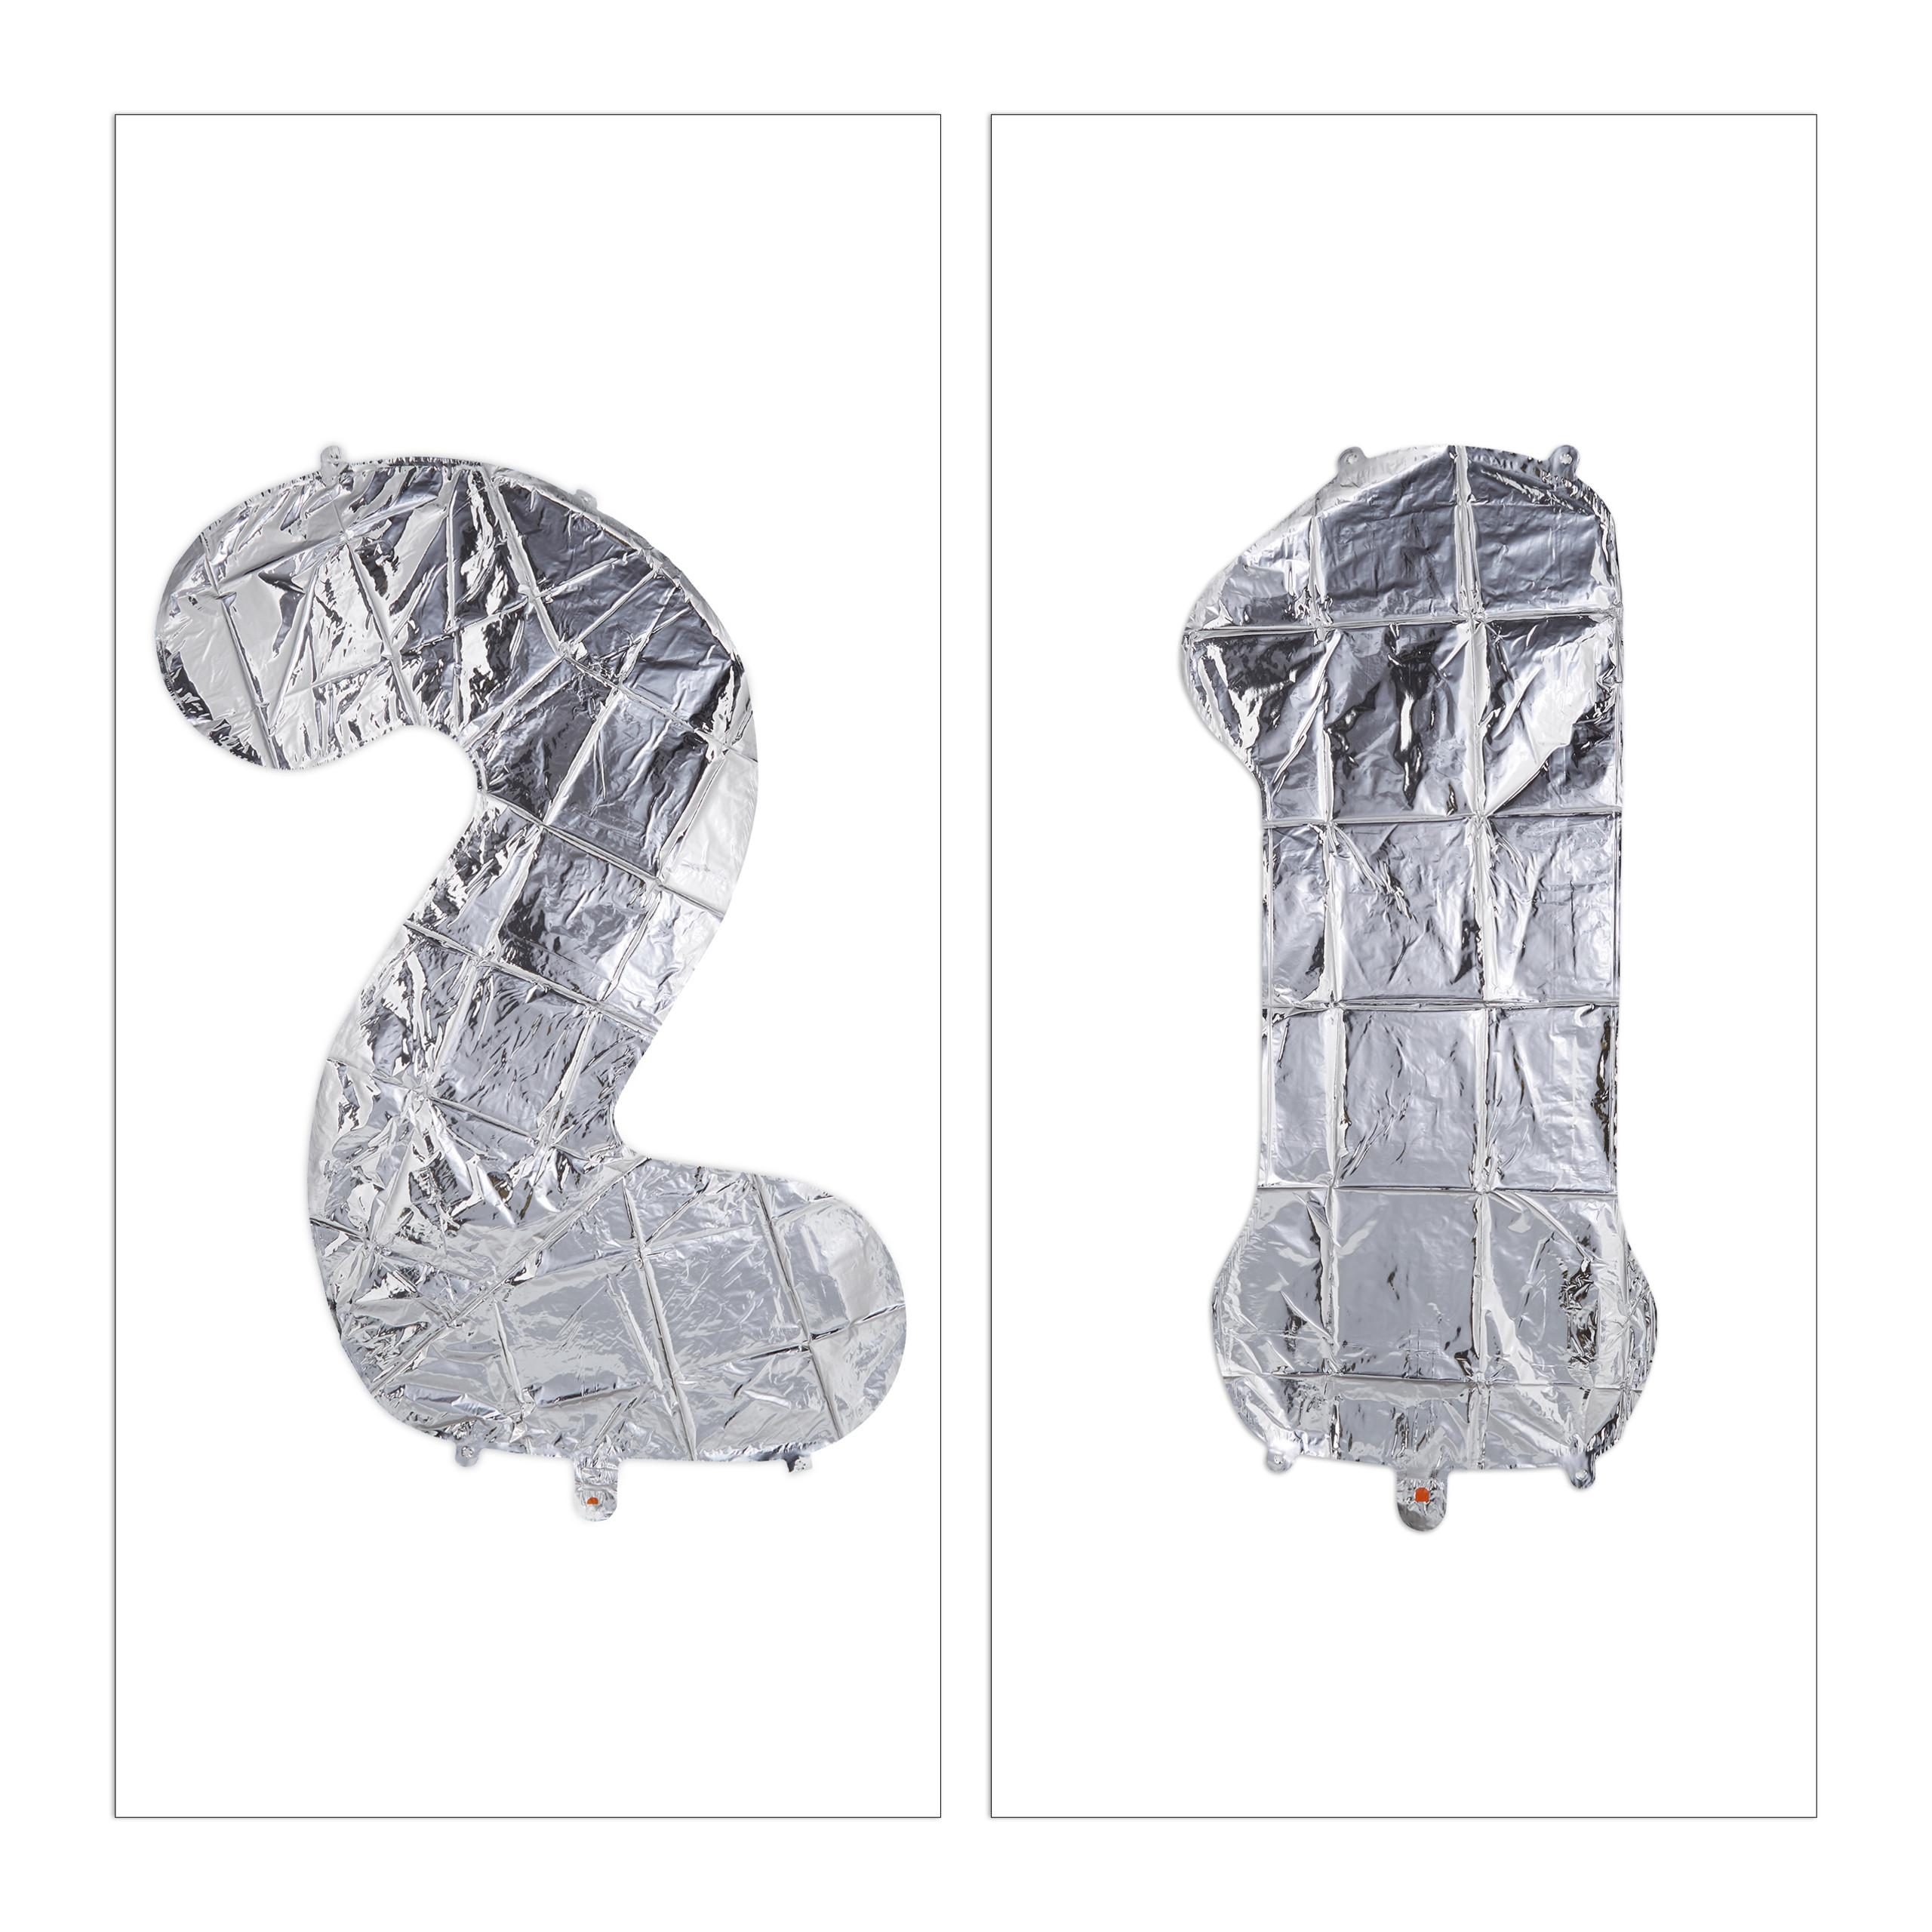 Ballon-chiffre-numero-21-gonflable-anniversaire-decoration-geant-mariage miniature 4